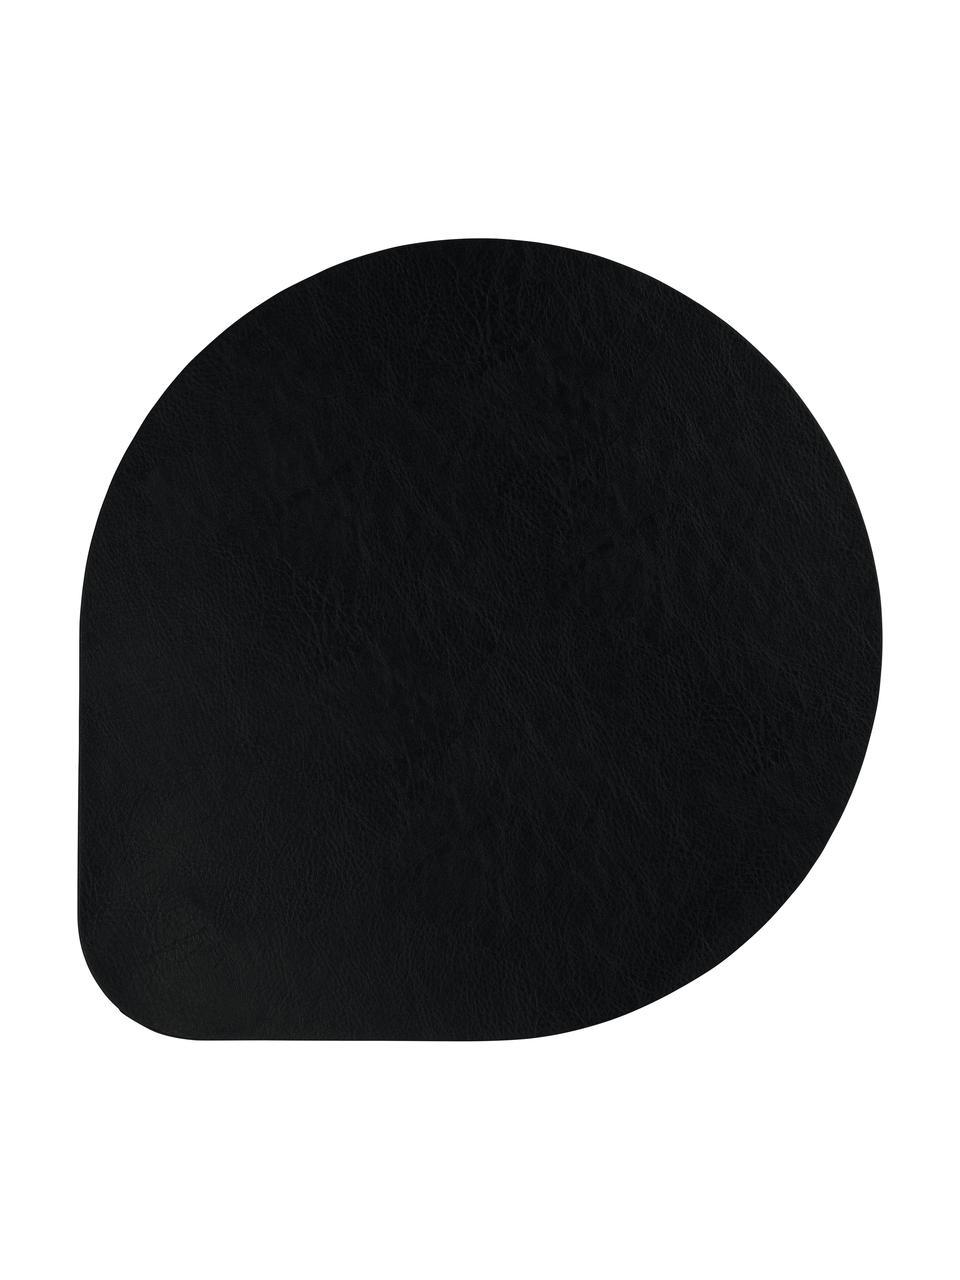 Tovaglietta americana in similpelle Povac 2 pz, Materiale sintetico (PVC), Nero, Ø 37 cm